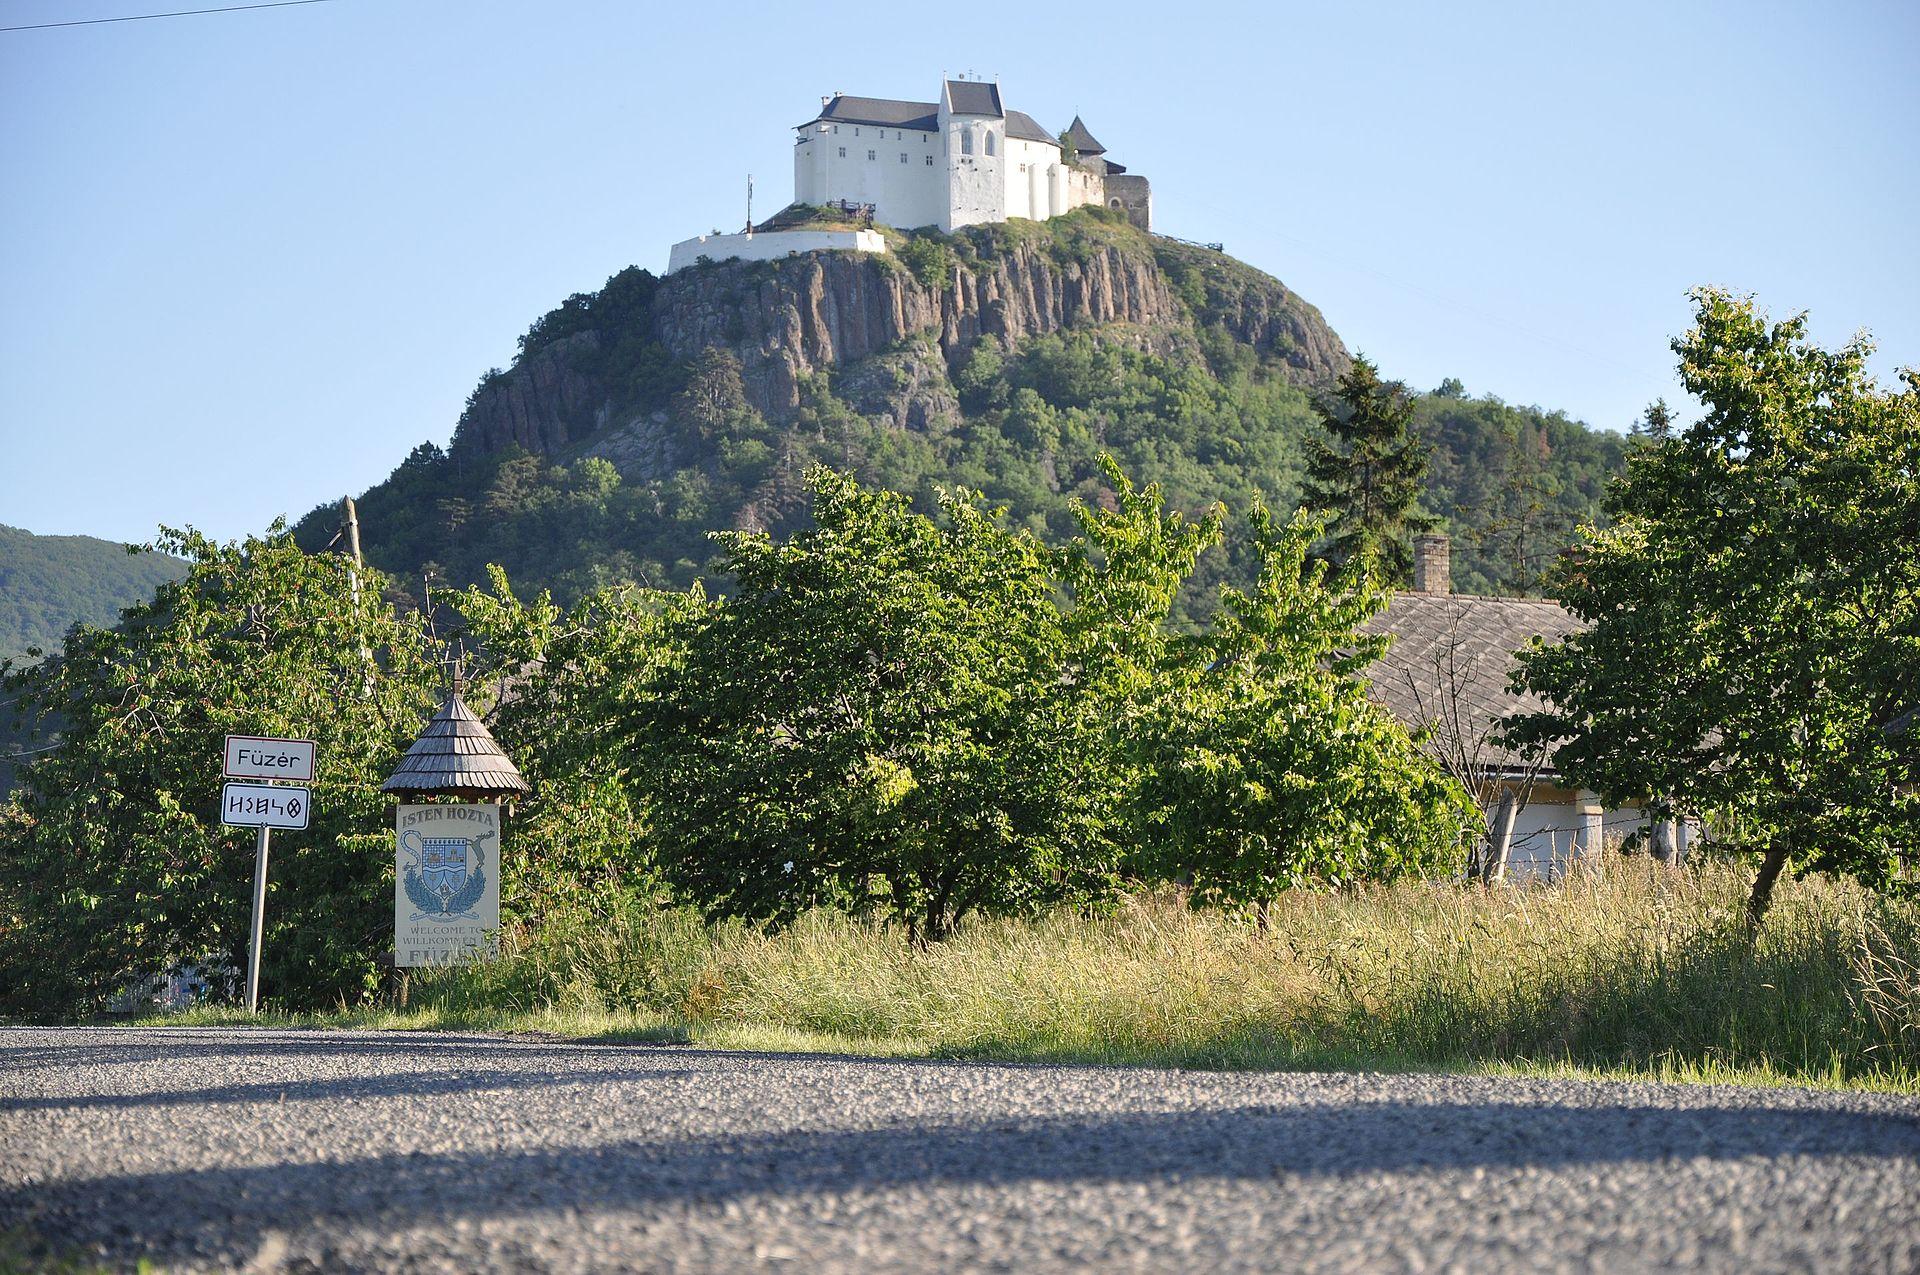 http://kolorline.hu/Kiránduljunk ősszel - a legszebb várak Észak-Magyarországon